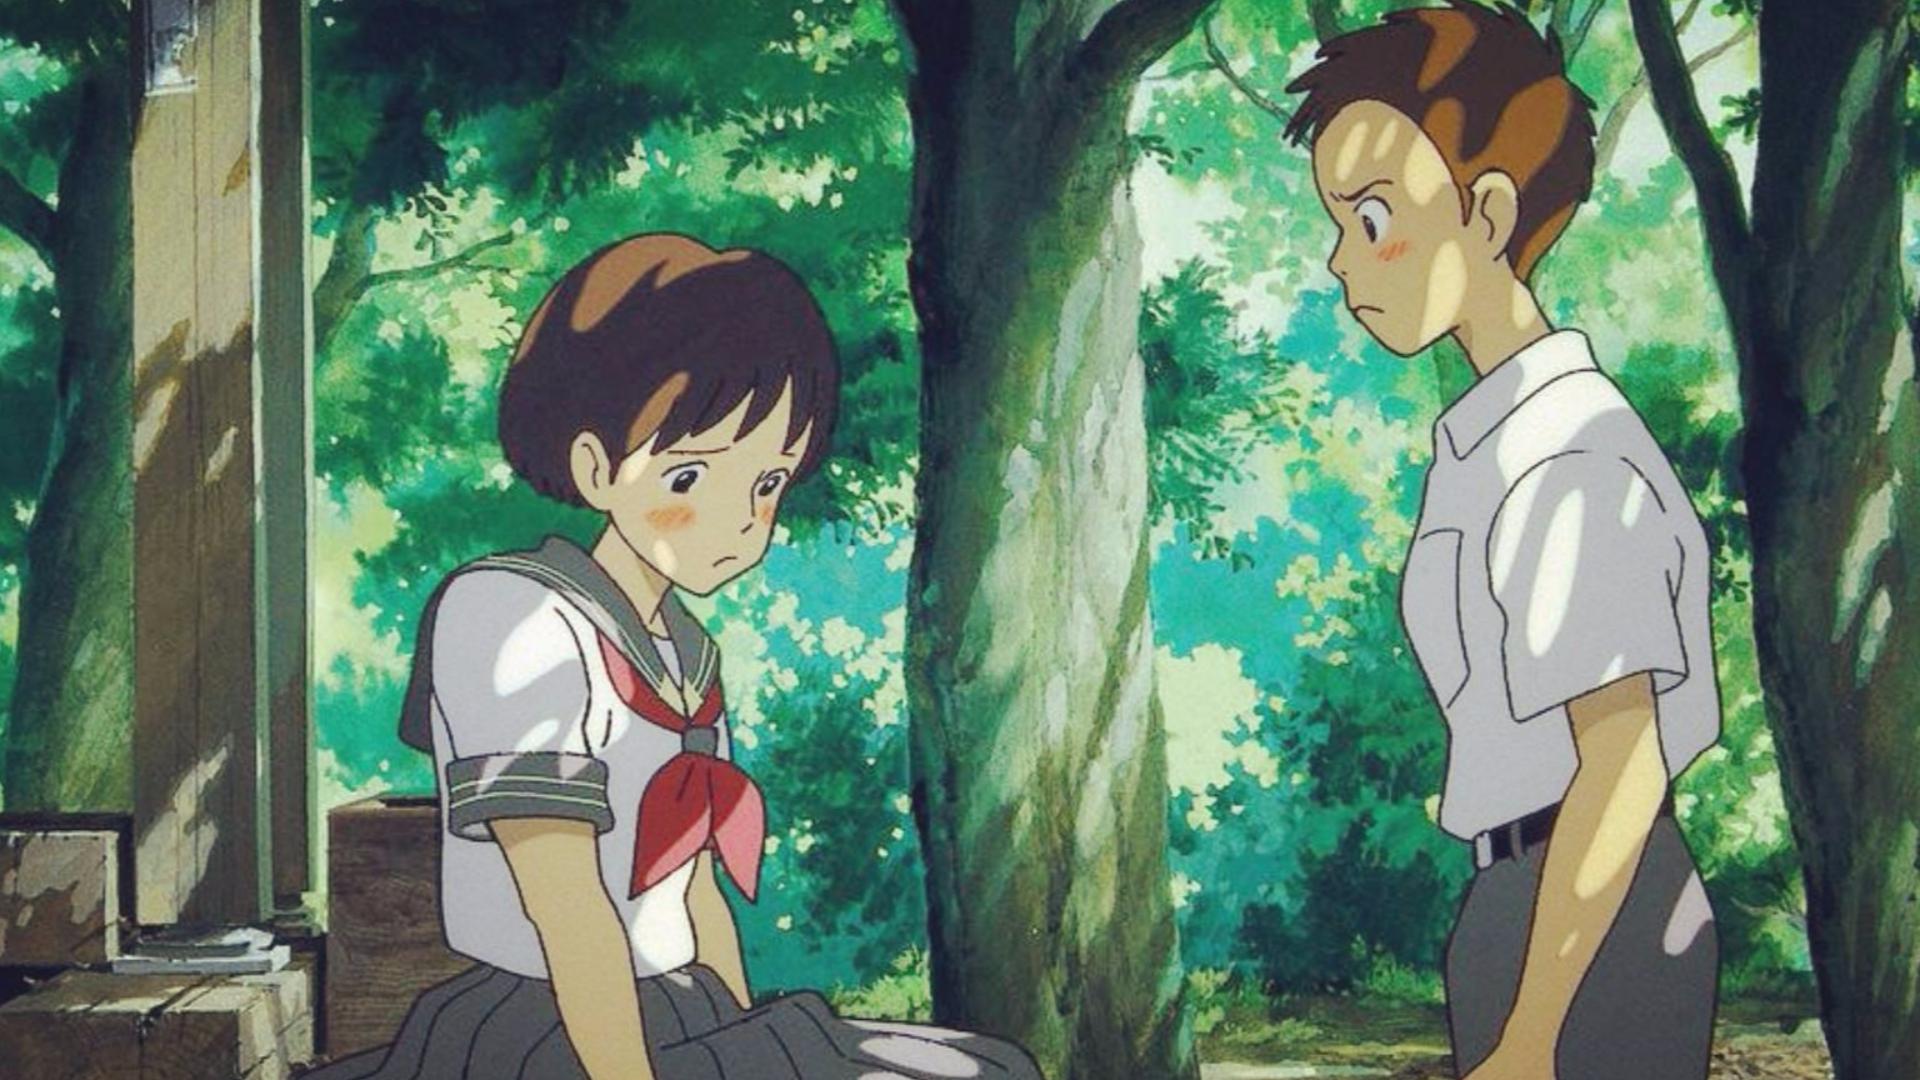 宫崎骏极少有的写实动画,迷茫的时候不妨看看,这才是爱情该有的样子